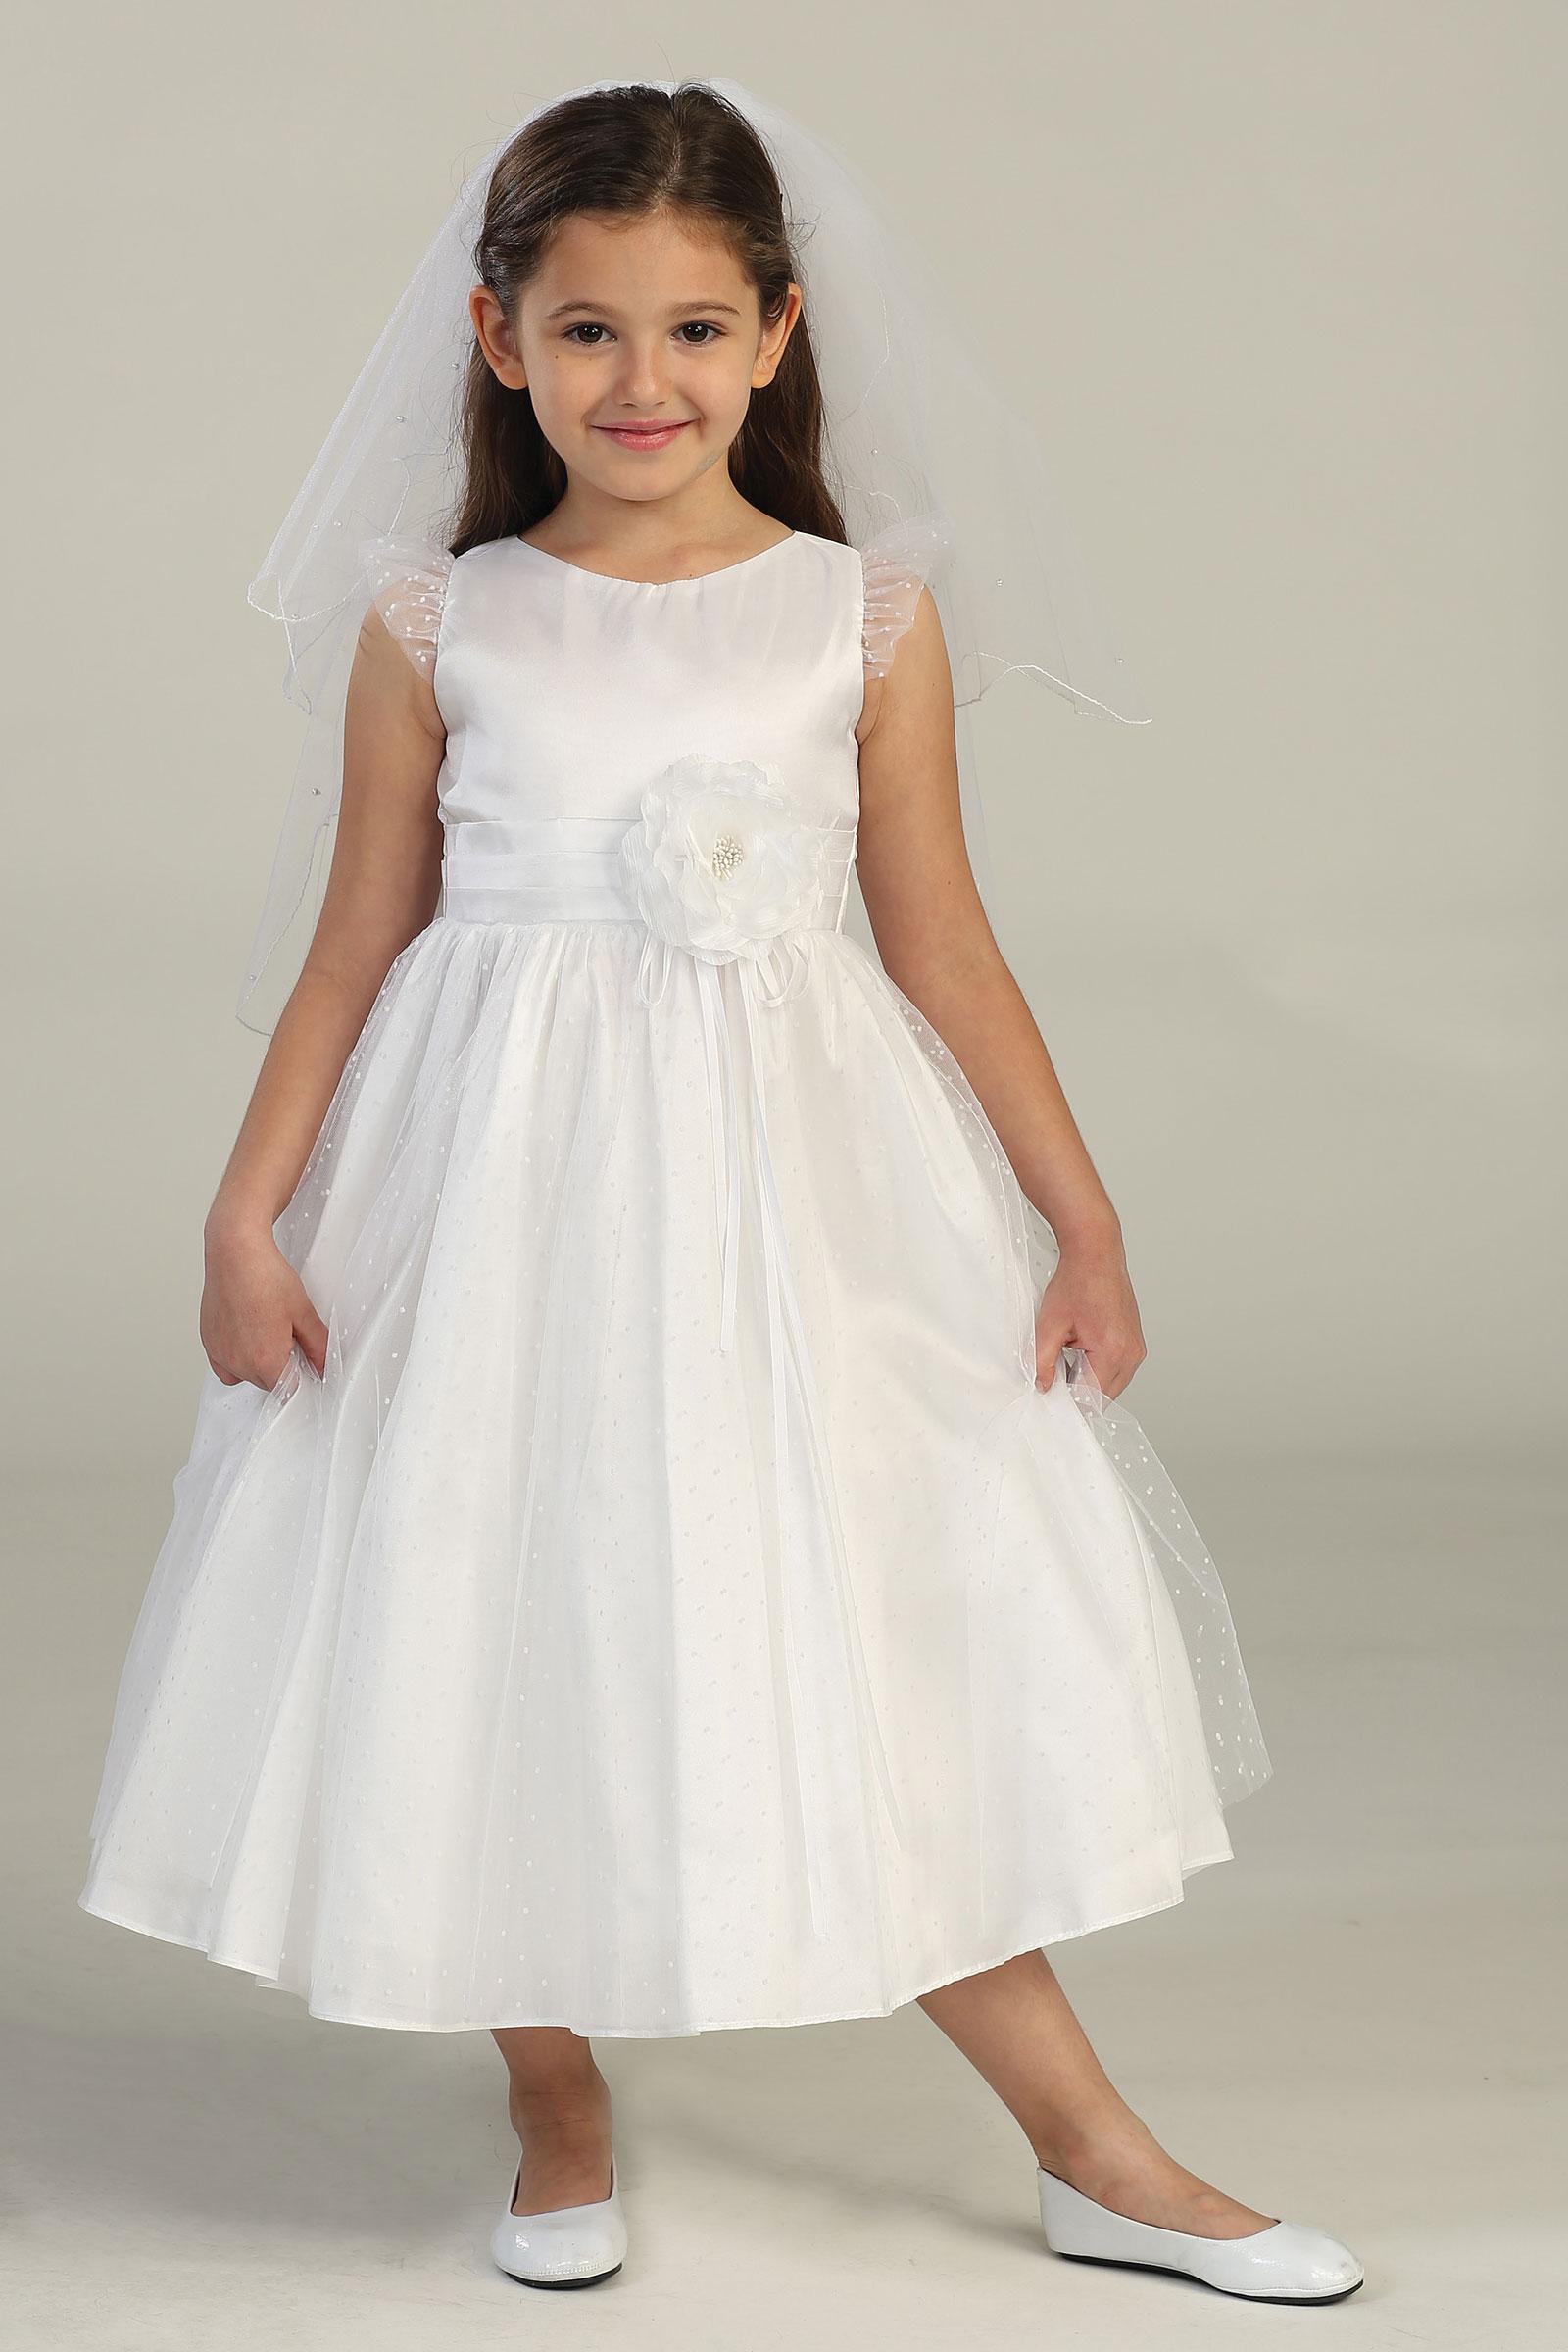 SK 417 Girls Dress Style 417 WHITE Satin and Mesh Polka Dot Dress Spring